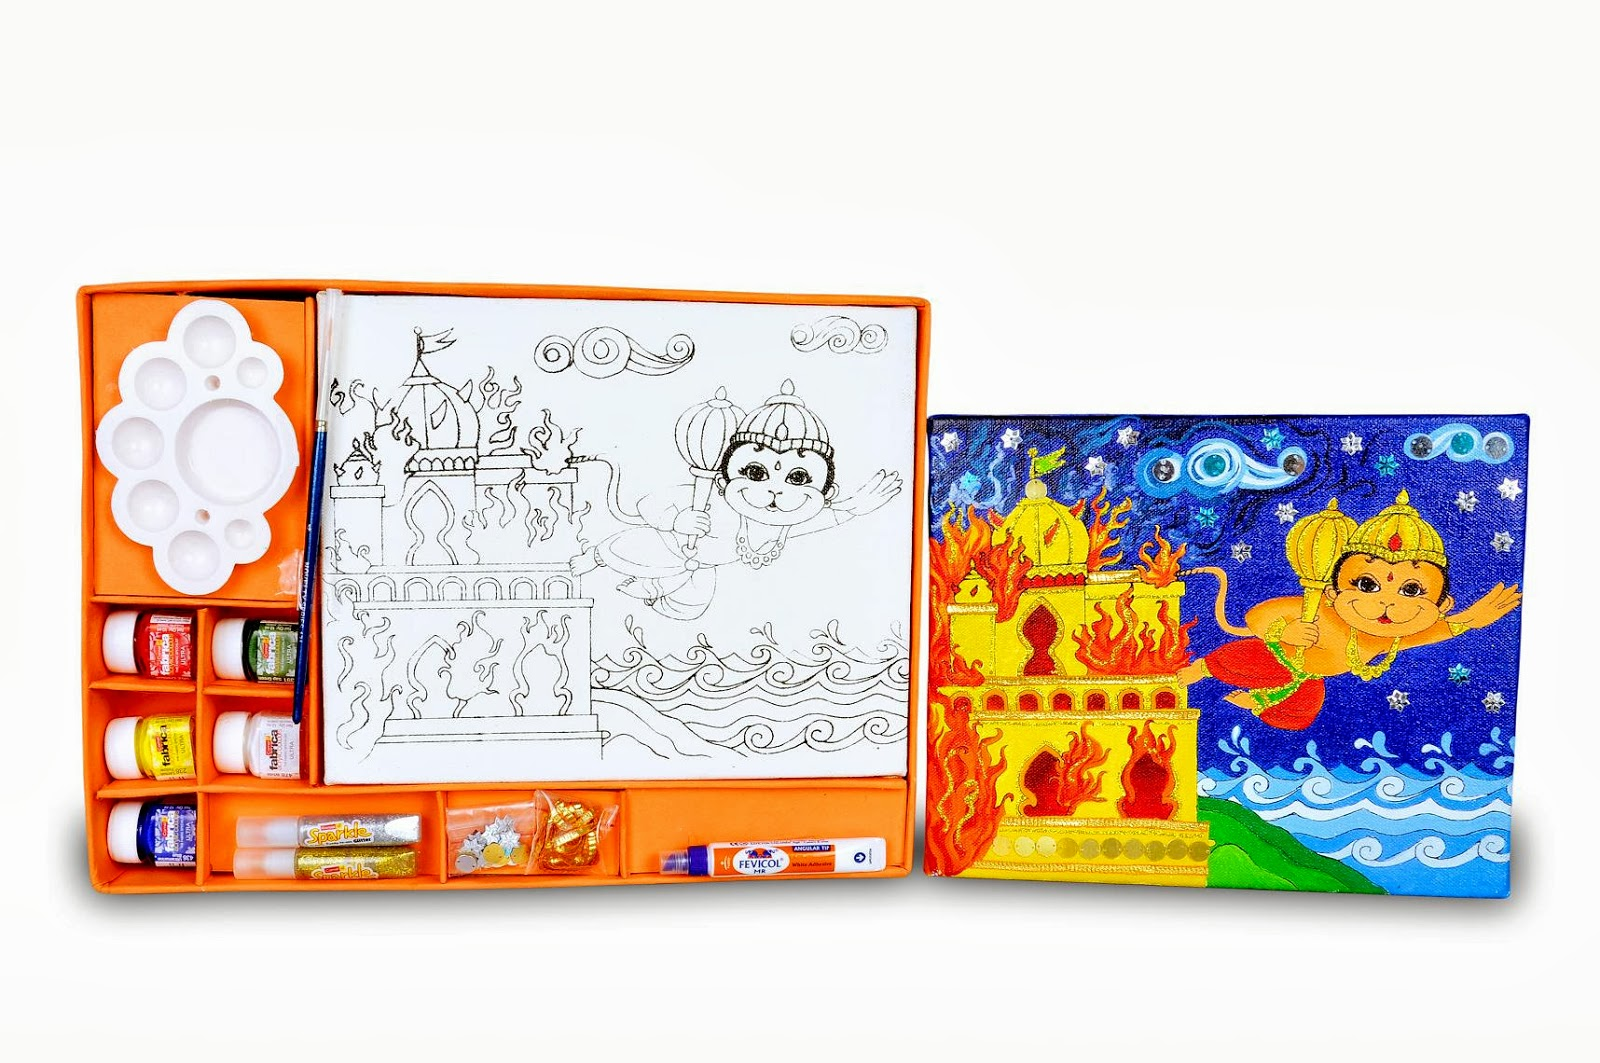 Dussehra crafts - to recreate ramayana - Artsy Craftsy Mom